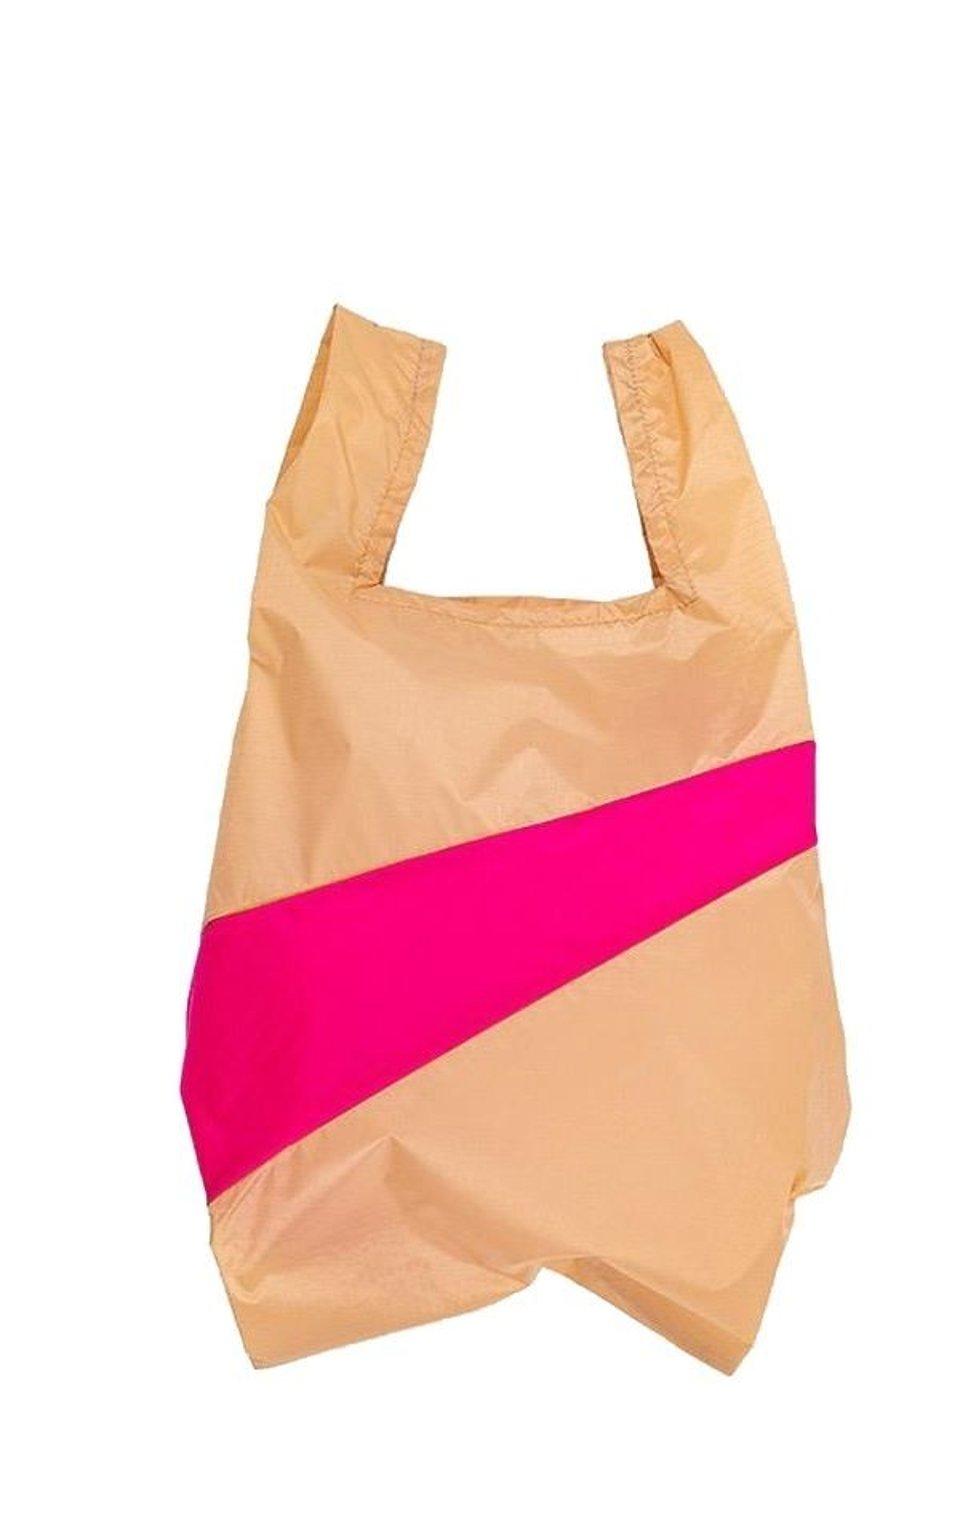 Shopping Bag #3